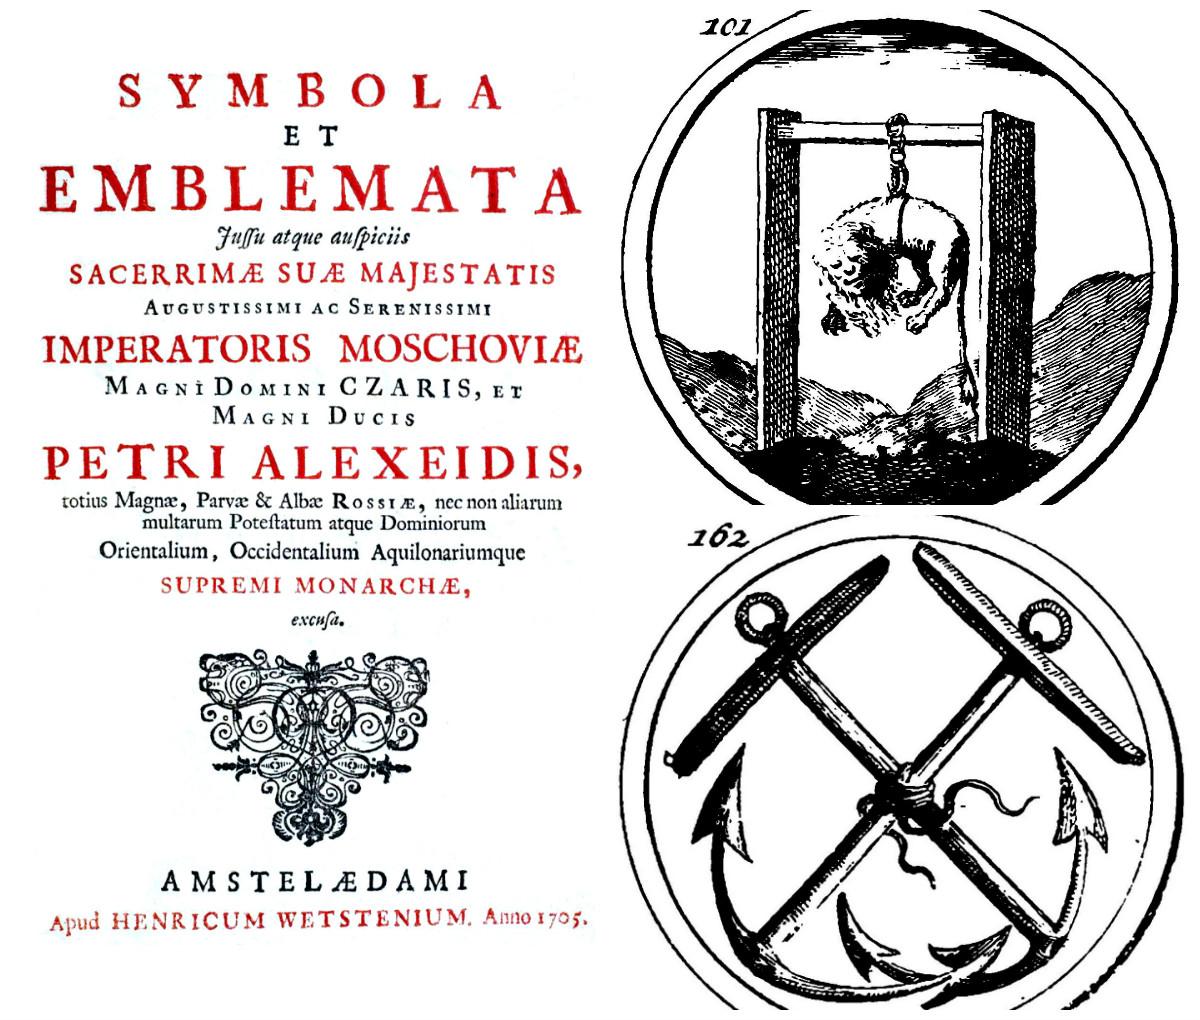 Заглавие книги на латыни. Эмблема № 101 «Подвешенный лев» и №162 «Два якоря» По мнению Г. В. Вилинбахова прообраз герба Санкт-Петербурга.